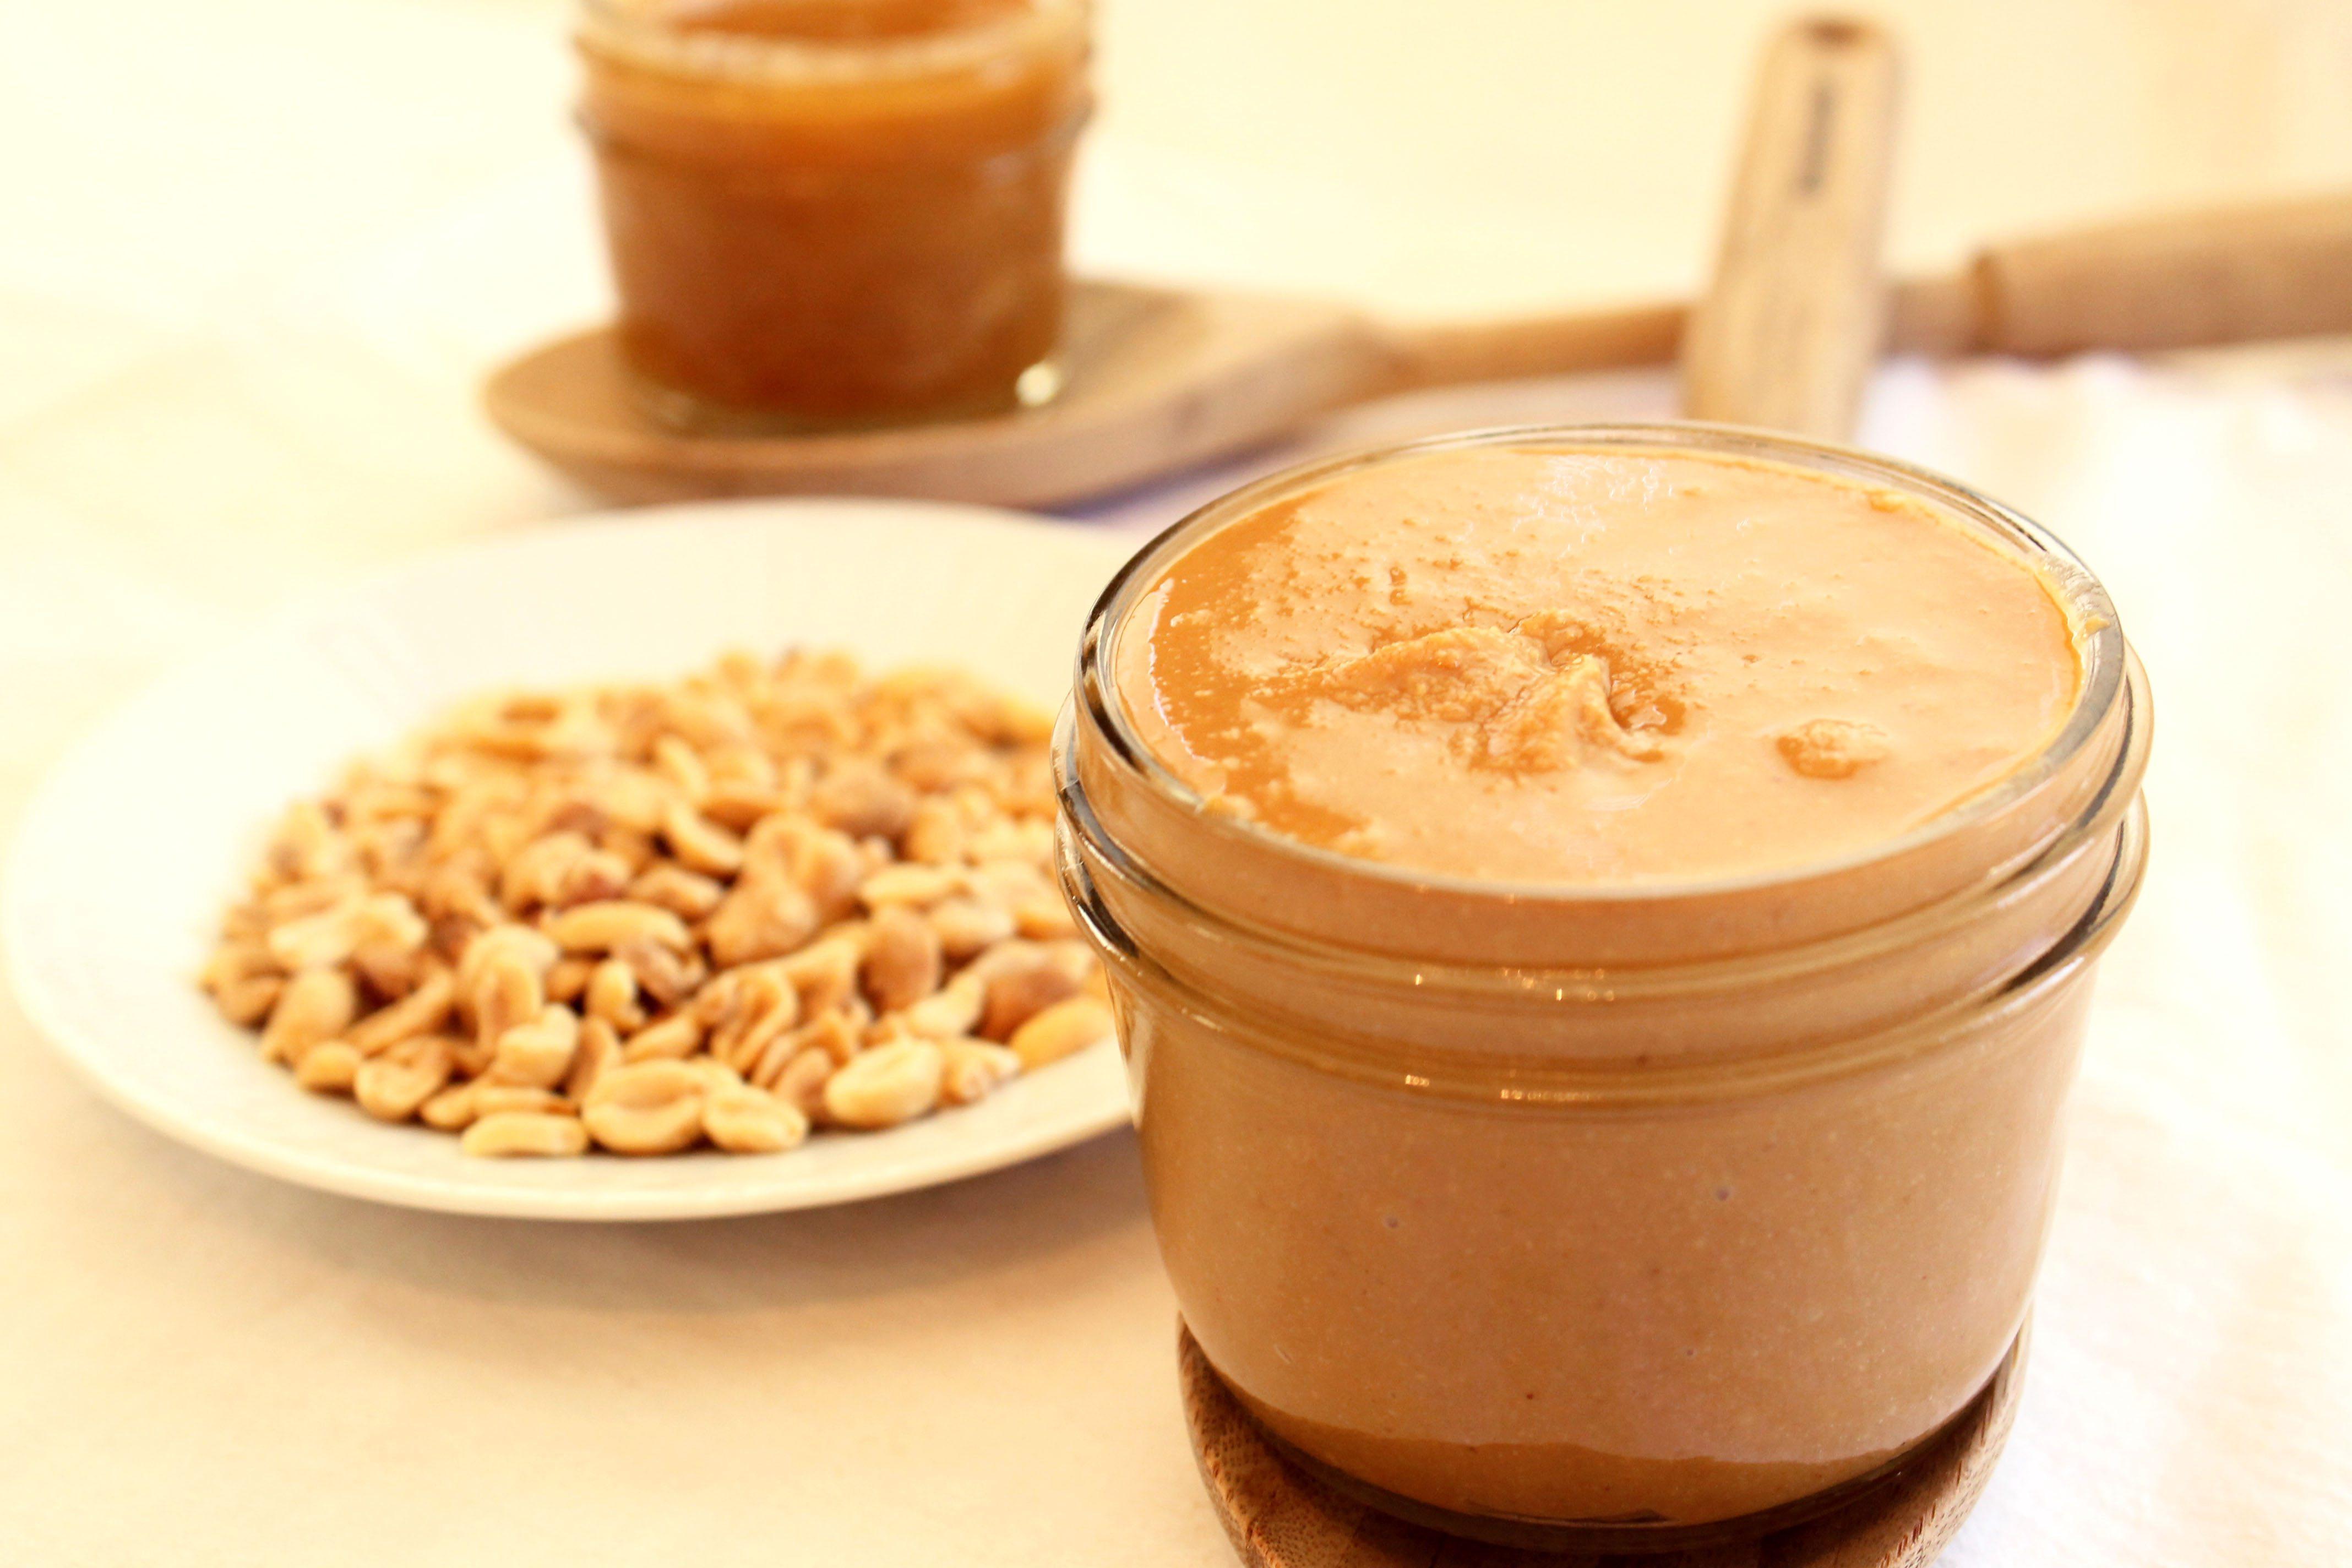 Peanut Butter unusual uses